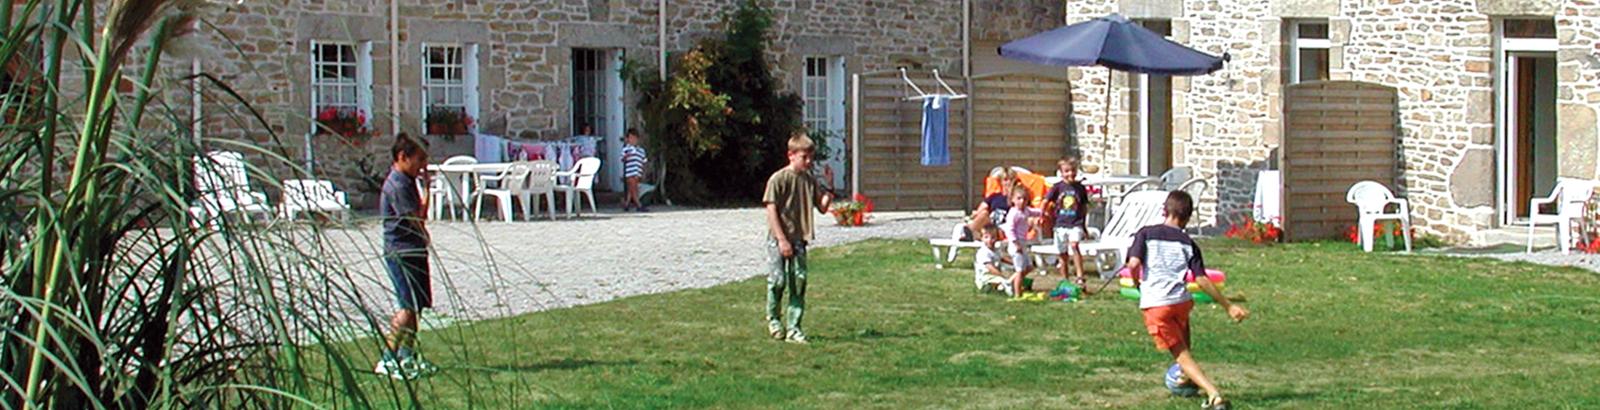 Vakantiehuisje van Meriadec in de Golf van Morbihan